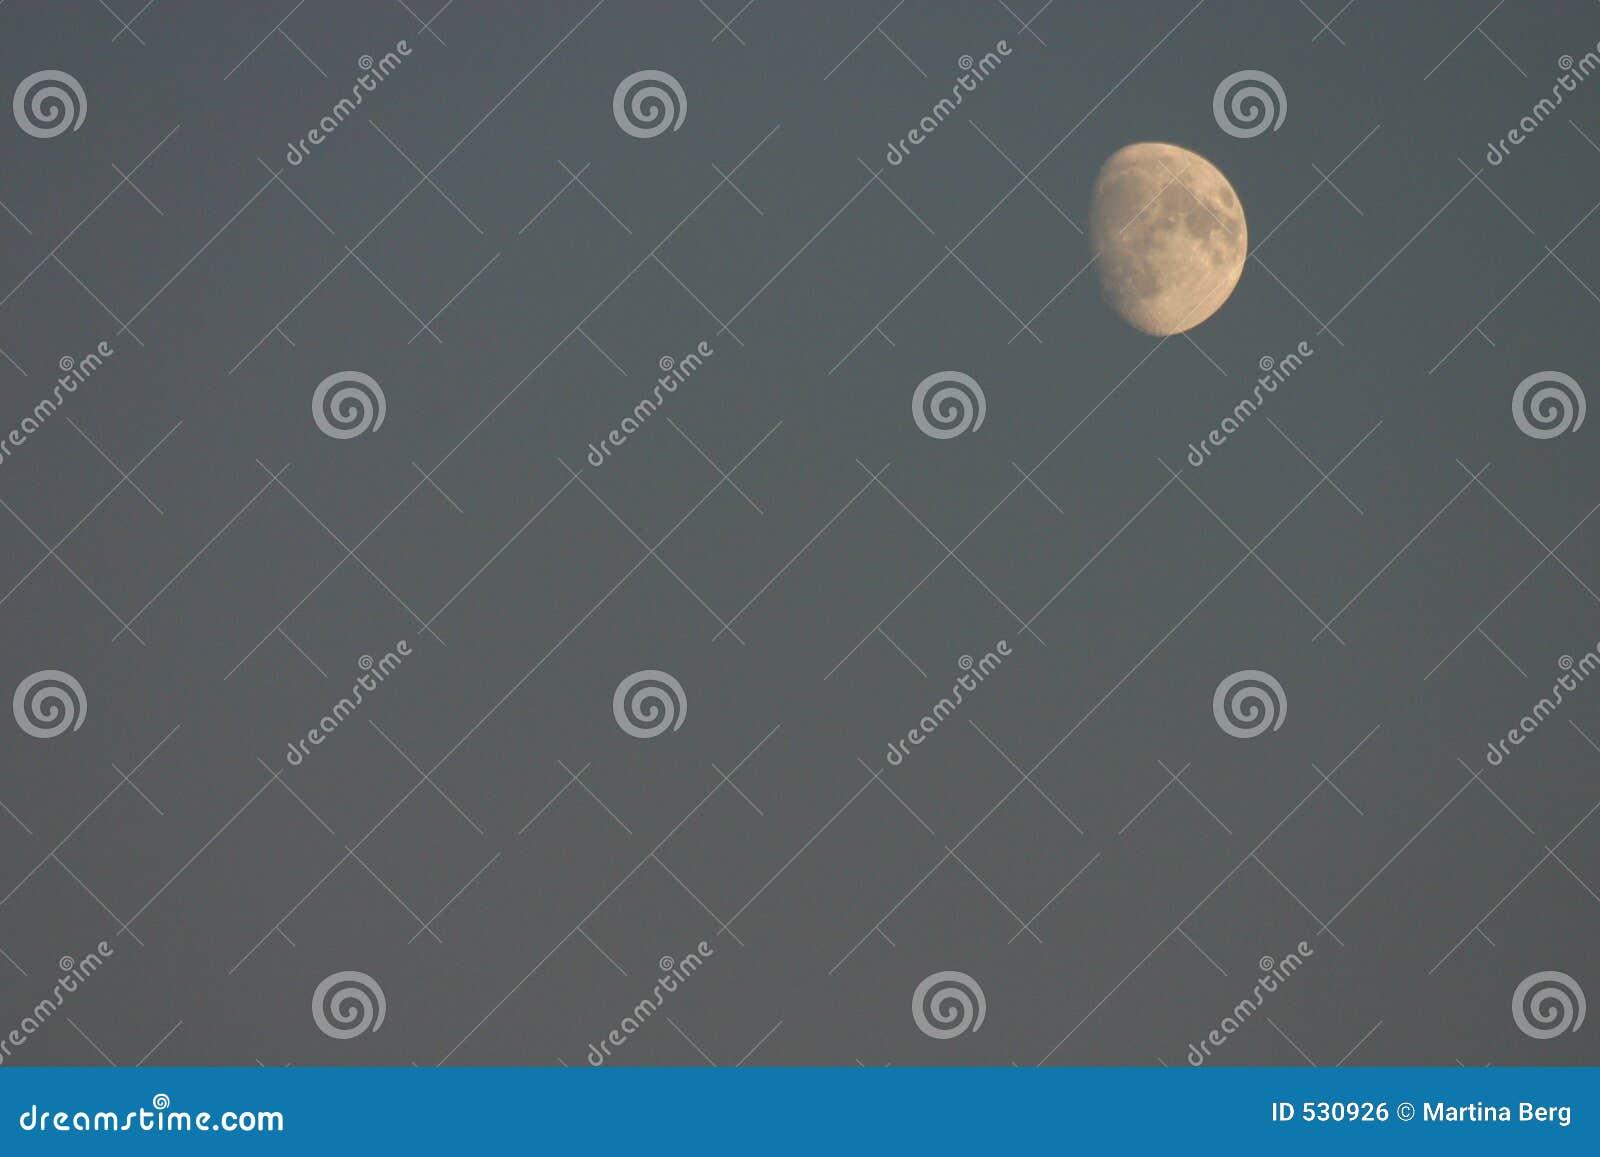 Download 虚度我们 库存照片. 图片 包括有 夜间, 月亮, 地球, 神圣, 火山口, 蓝色, 月球, 哥白尼, 卫星 - 530926